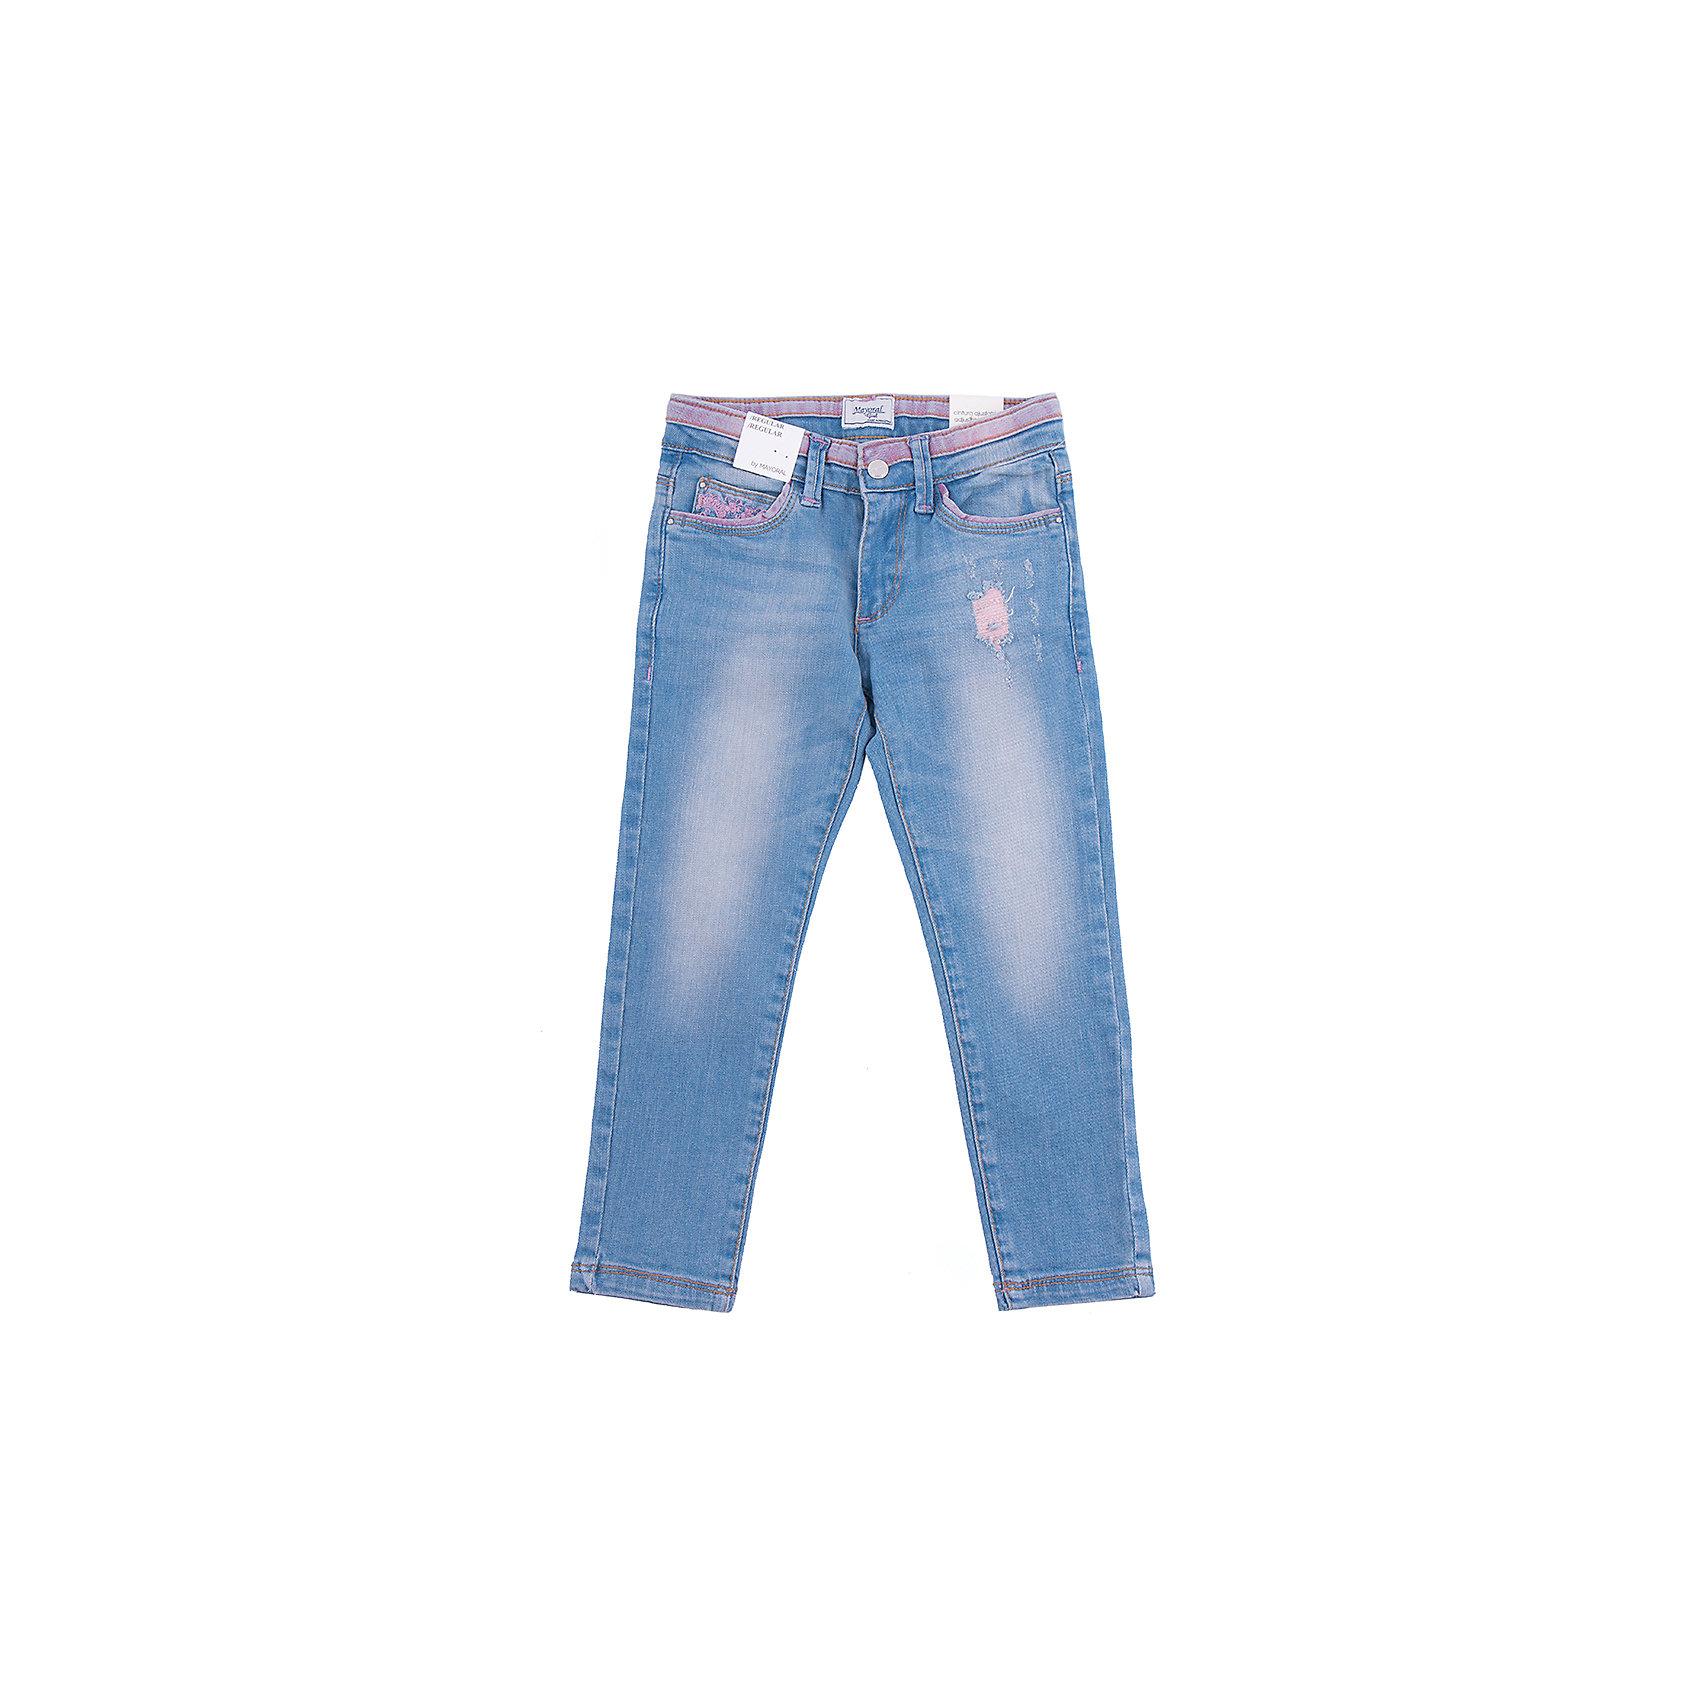 Брюки для девочки MayoralДжинсы для девочки от популярной испанской марки Mayoral.<br><br>Стильные удобные джинсы от известного испанского бренда Mayoral – отличный вариант универсальной одежды для ребенка. Модель украшена розоватыми потертостями, очень модно смотрится благодаря этому. Удобный крой и качественный материал обеспечит ребенку комфорт при ношении этой вещи.<br>Изделие имеет следующие особенности:<br><br>- эластичная джинсовая ткань голубого цвета, розовые элементы;<br>- наличие карманов, застежка - молния и пуговица;<br>- шлевки для ремня;<br>- объем талии регулируется внутренней резинкой;<br>- силуэт зауженный;<br><br>Состав: 98% хлопок, 2% эластан<br><br>Уход за изделием:<br><br>стирка в машине при температуре до 30°С,<br>не отбеливать,<br>гладить на низкой температуре.<br>Габариты:<br><br>длина штанин по внутреннему шву – 65 см.<br><br>*Числовые параметры соответствуют росту 140<br> <br>Джинсы для девочки Mayoral (Майорал) можно купить в нашем магазине.<br><br>Ширина мм: 215<br>Глубина мм: 88<br>Высота мм: 191<br>Вес г: 336<br>Цвет: разноцветный<br>Возраст от месяцев: 96<br>Возраст до месяцев: 108<br>Пол: Женский<br>Возраст: Детский<br>Размер: 134,98,104,122<br>SKU: 4232540